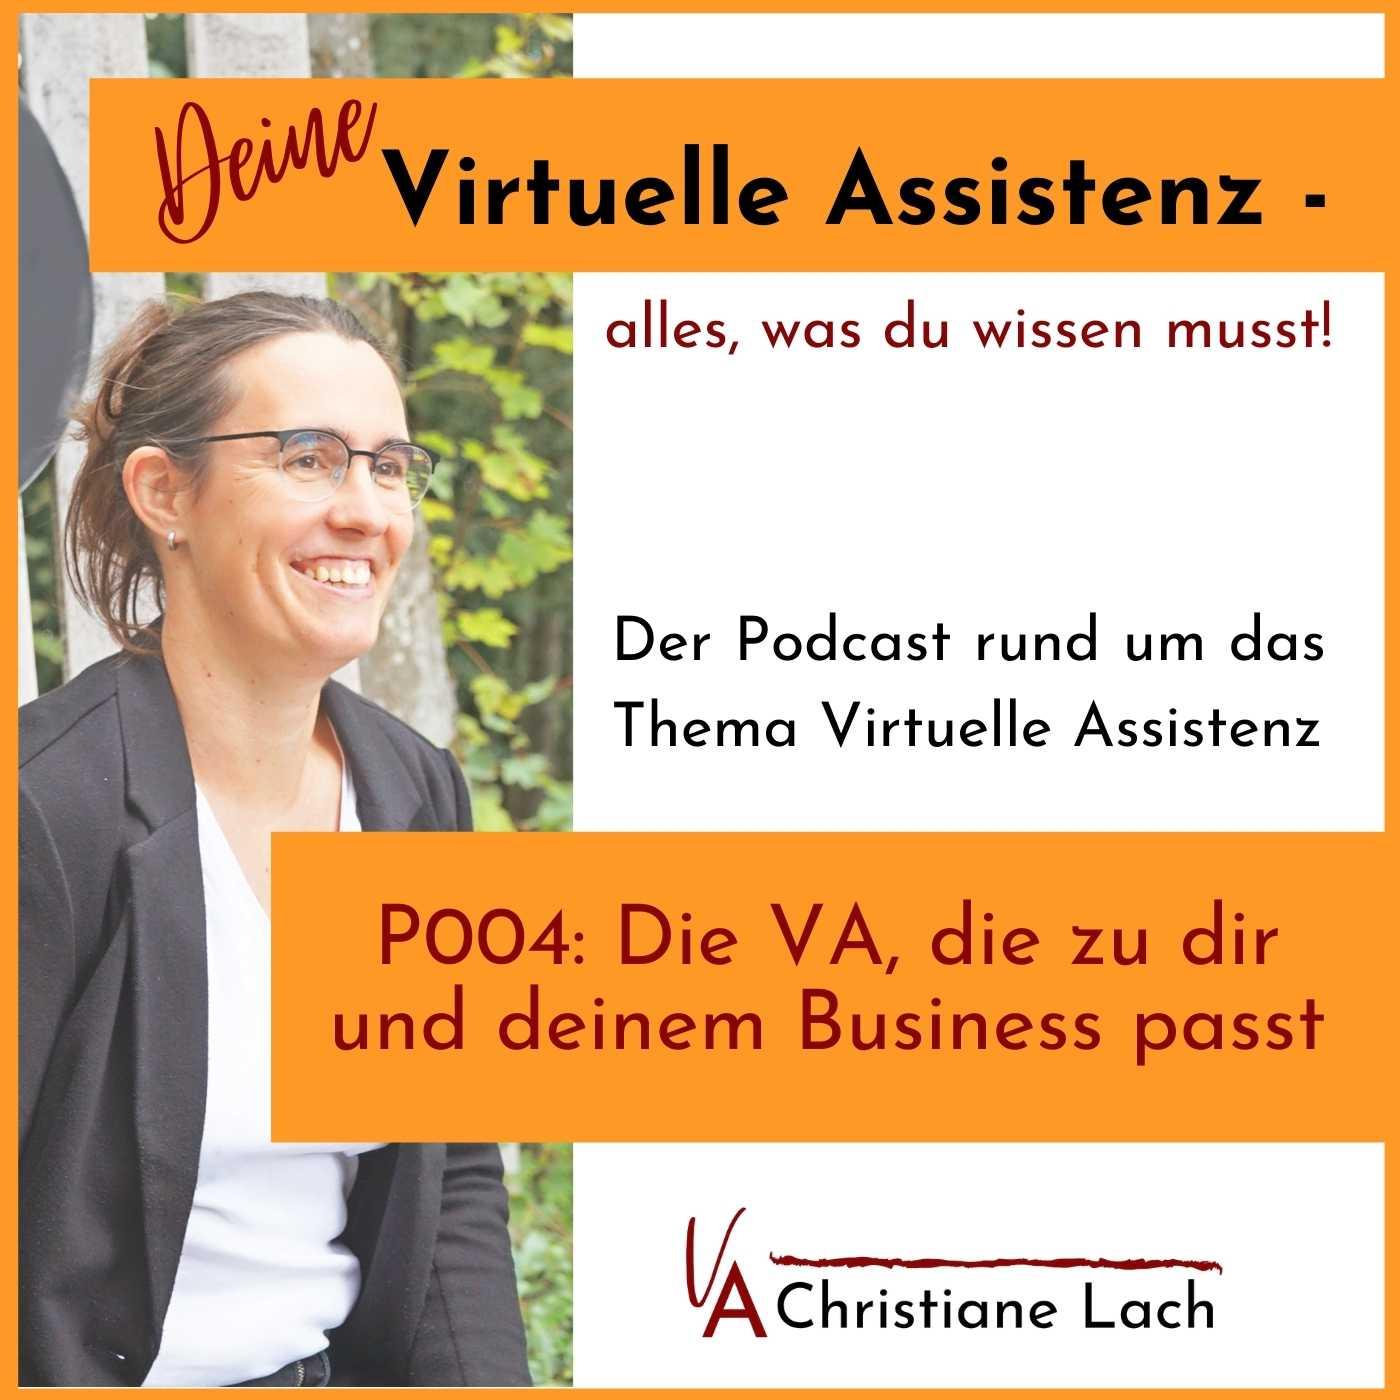 P004: Die Virtuelle Assistenz, die zu dir und deinem Business passt